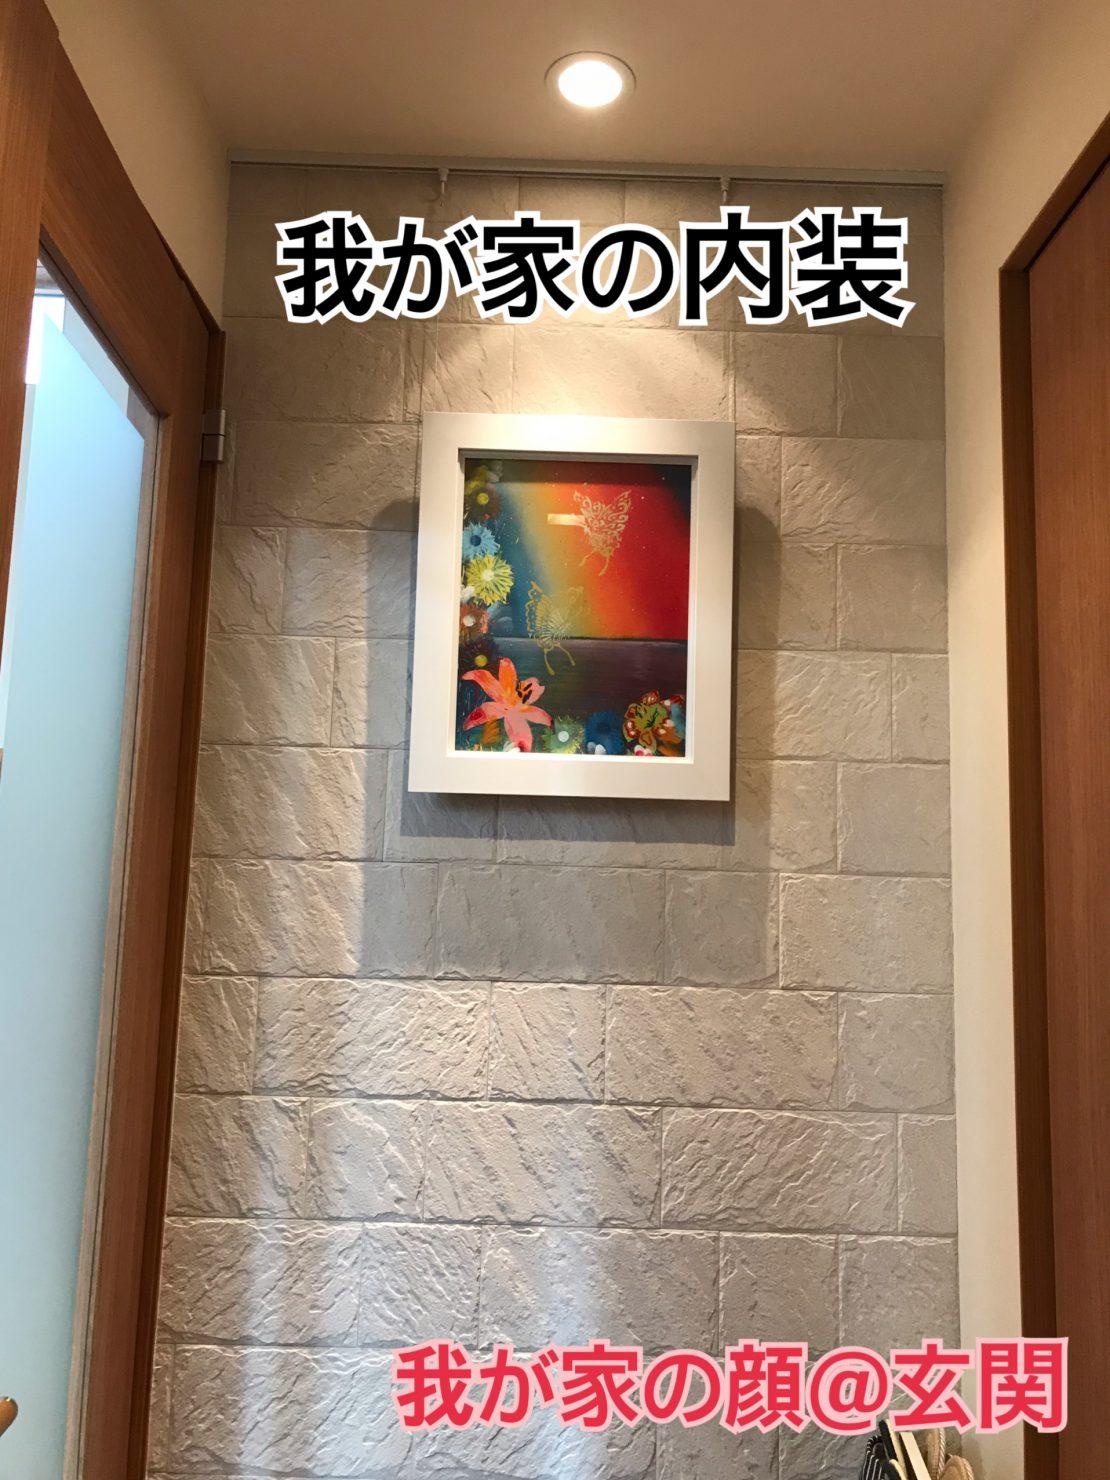 「シンプル」がテーマの我が家の内装